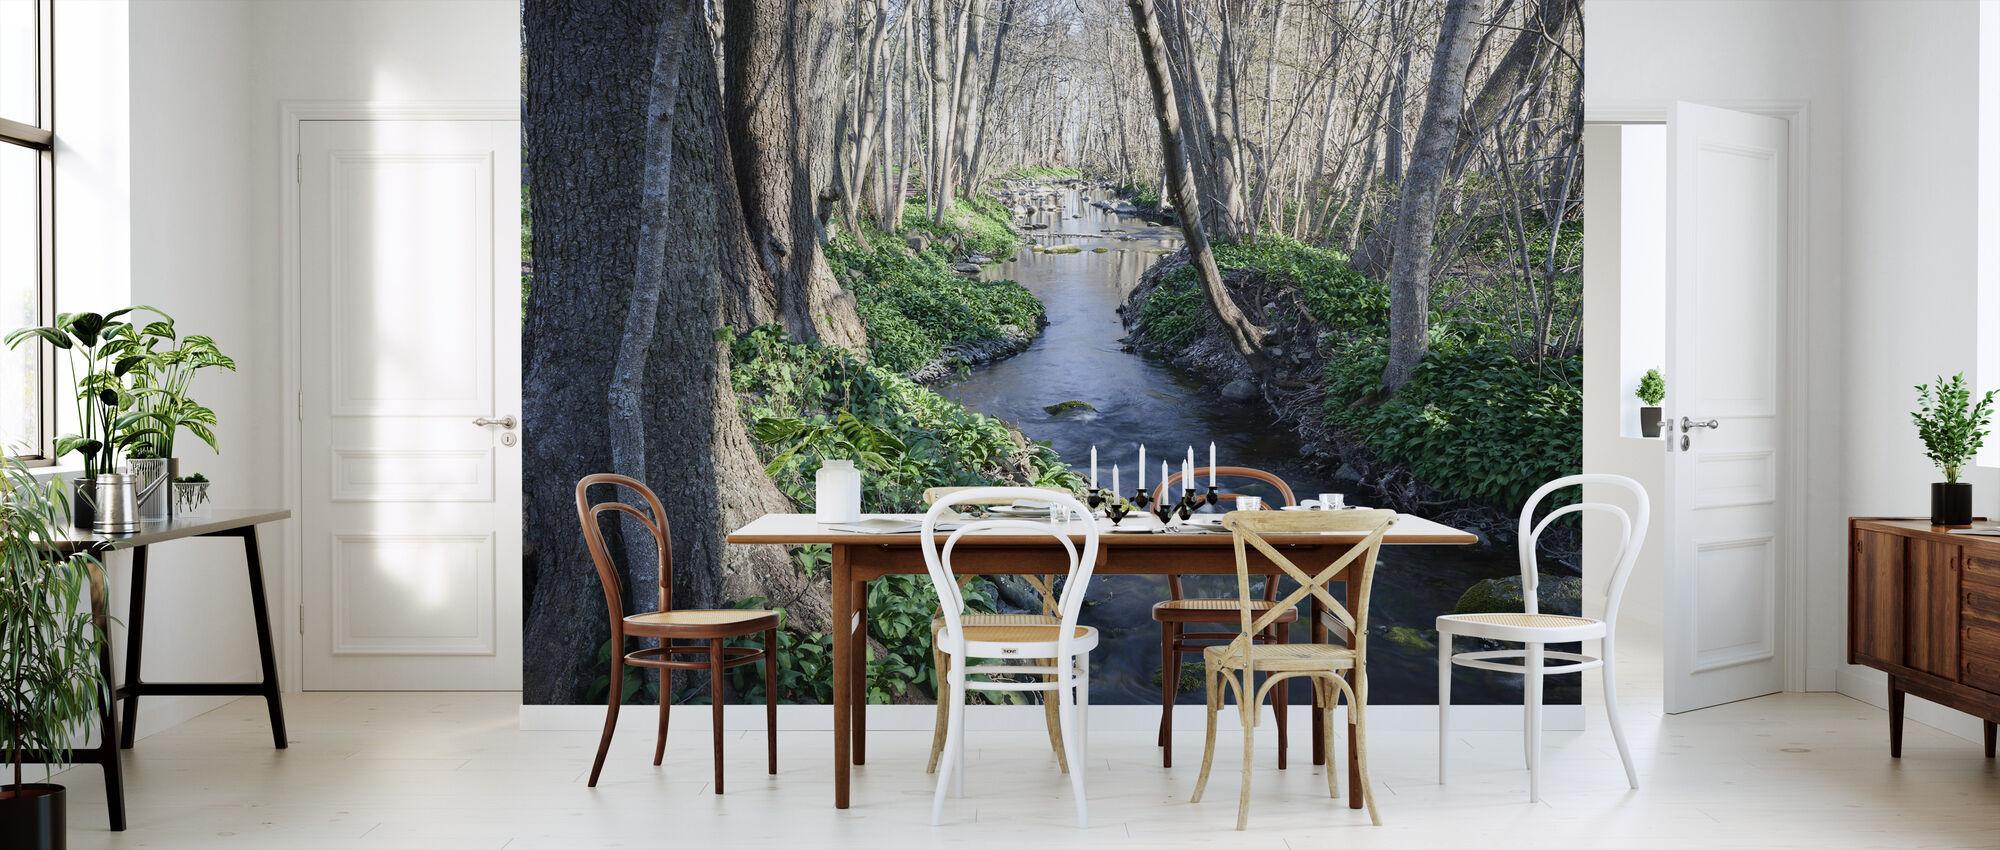 Spring River - Tapet - Kjøkken